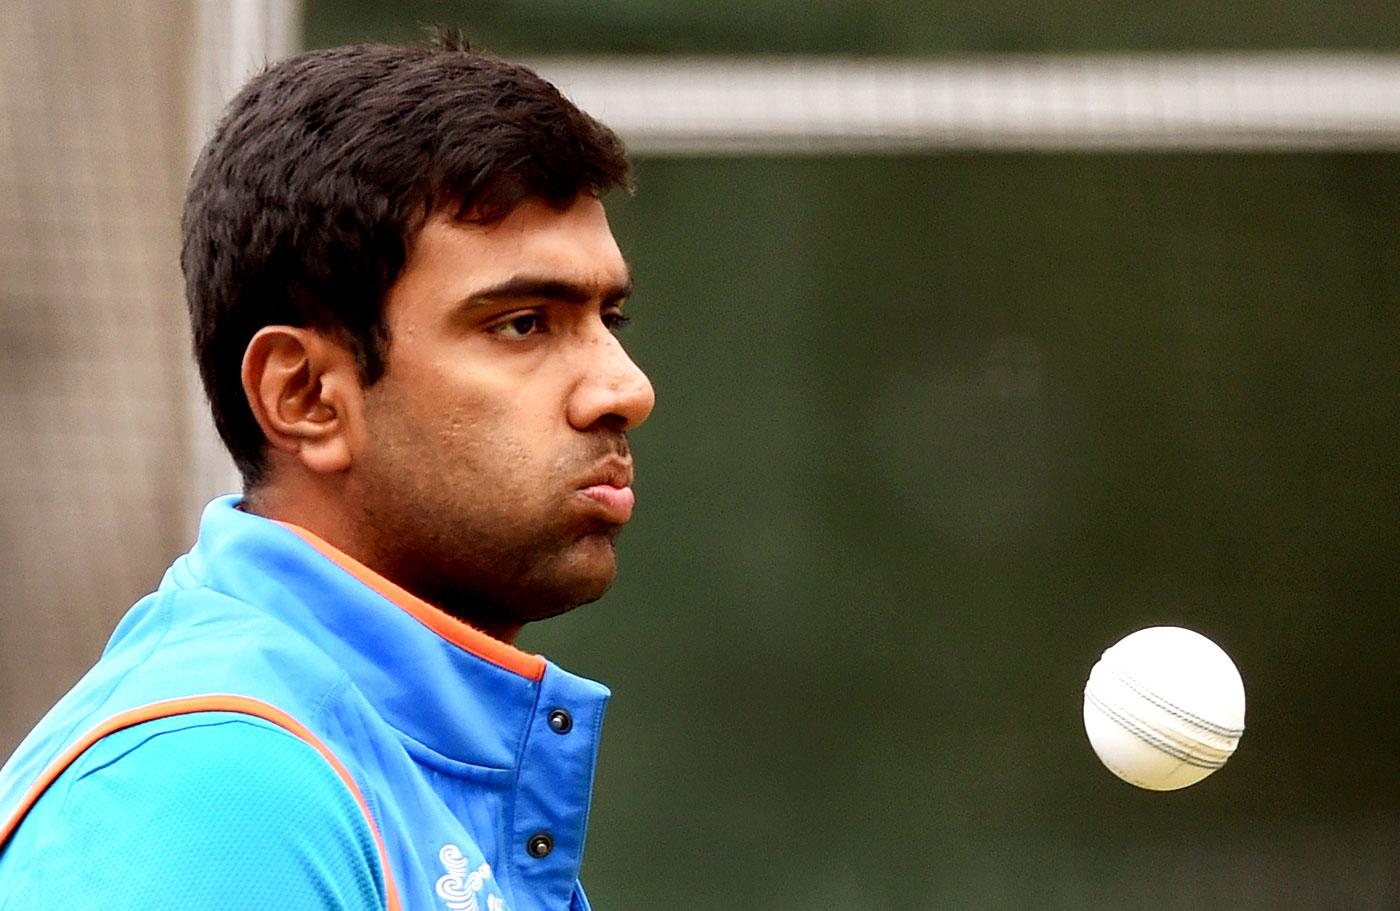 टीम चयन के पहले ही अश्विन ने खुद बताया होंगे विश्वकप 2019 का हिस्सा या बैठेंगे बाहर 18